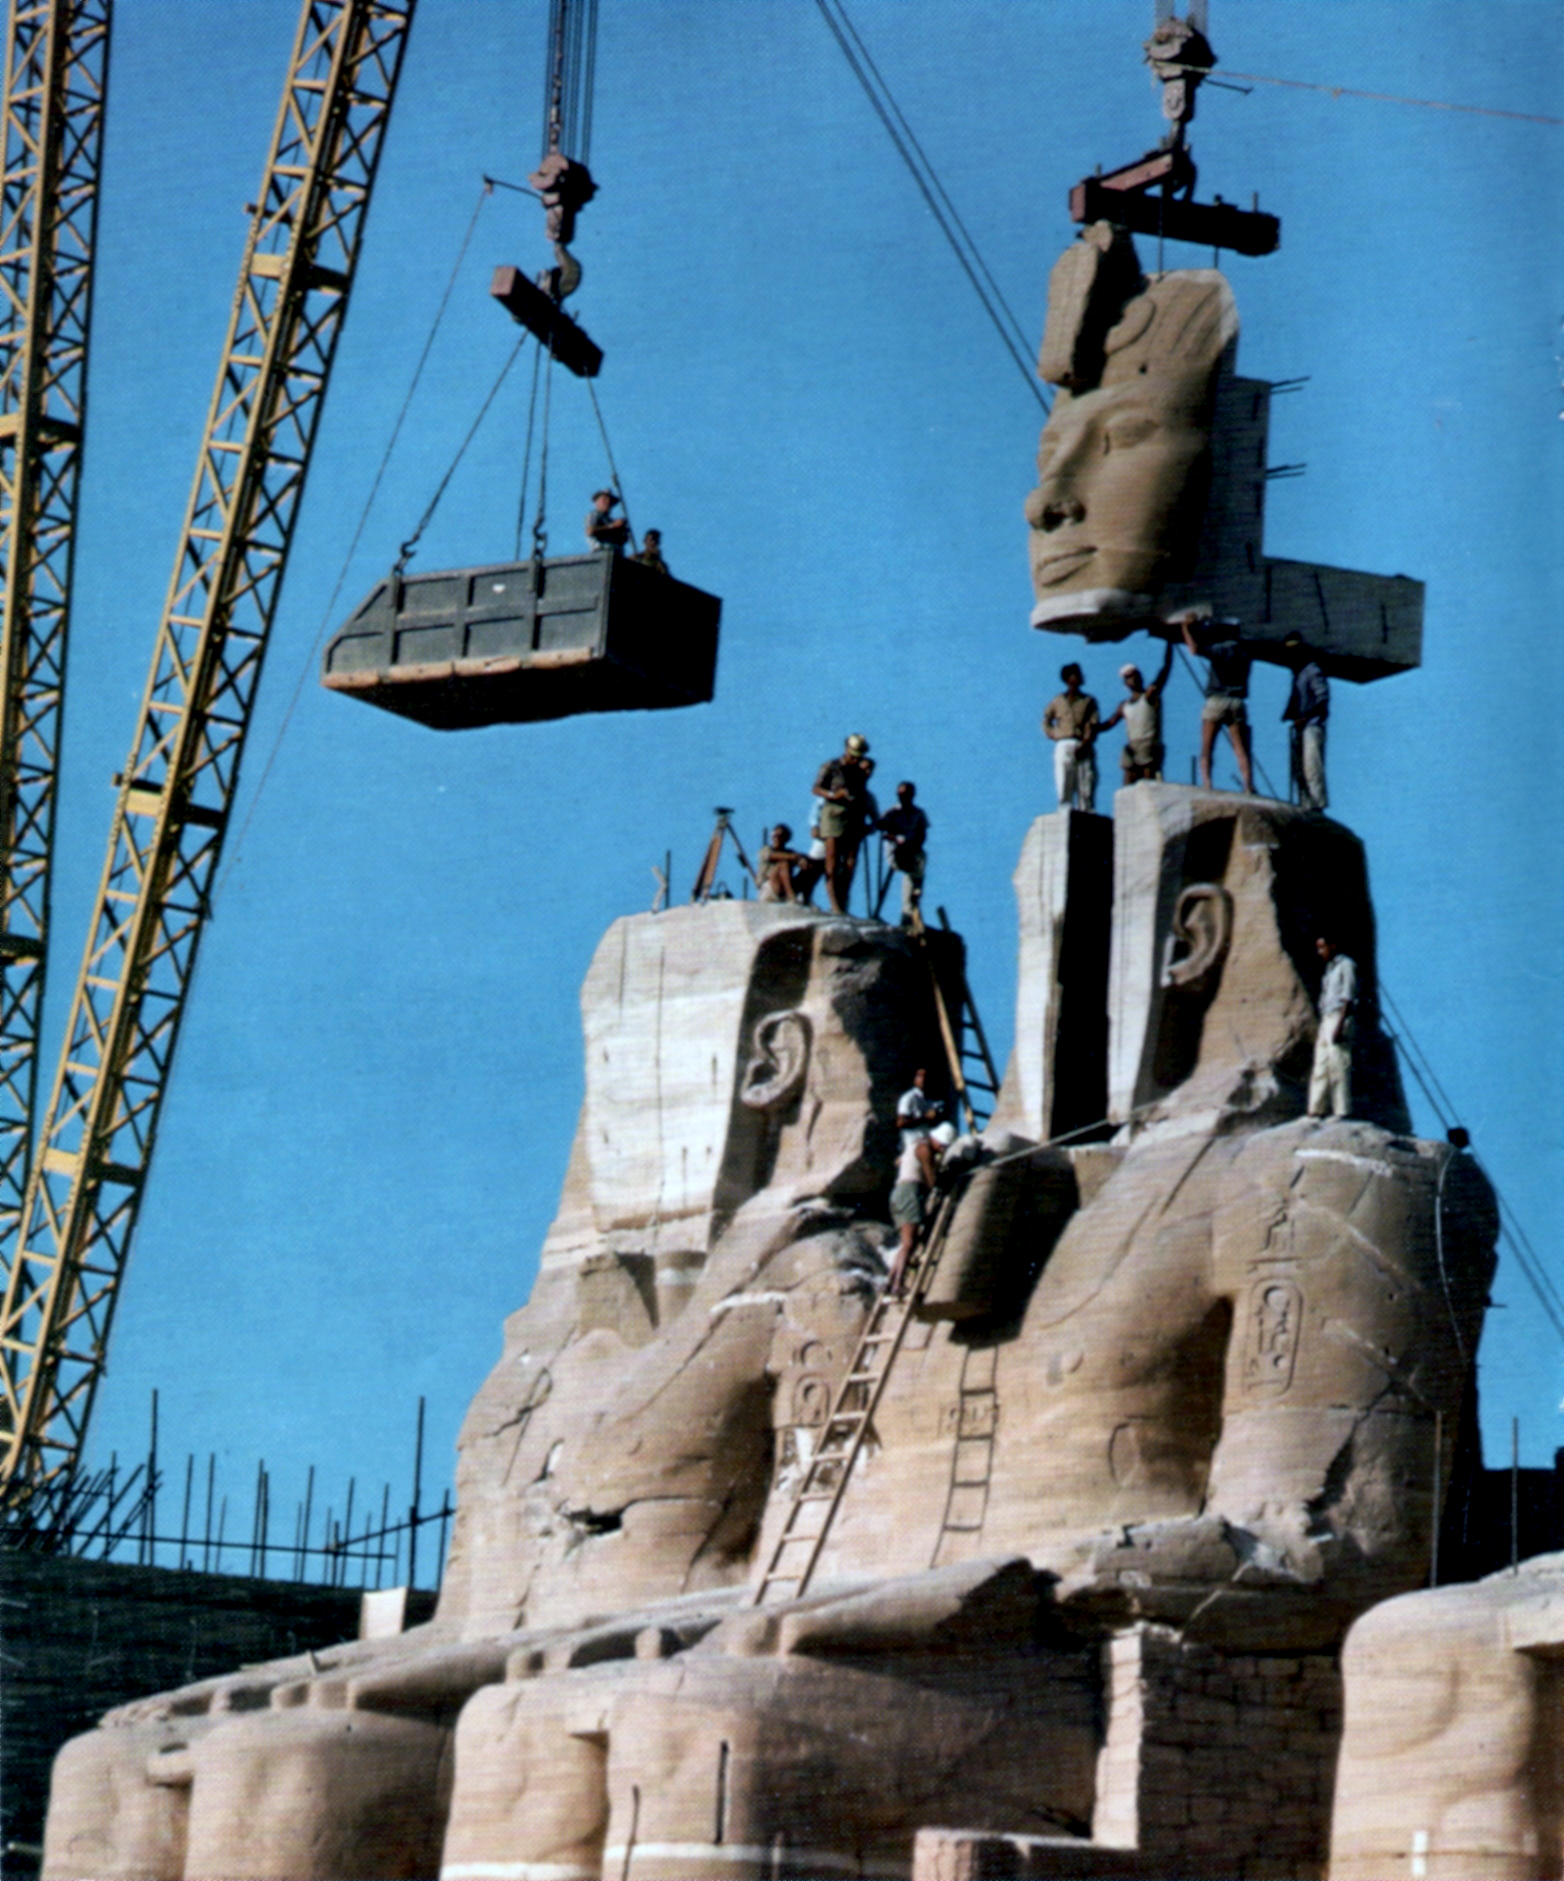 1968. Abu Szimbel templom költöztetése Egyiptomban. A nílusi víztározó leendő árterületén lévő II. Ramszesz kori műemléket apró darabokra vágták és 180 méterrel arrébb szállították..jpg